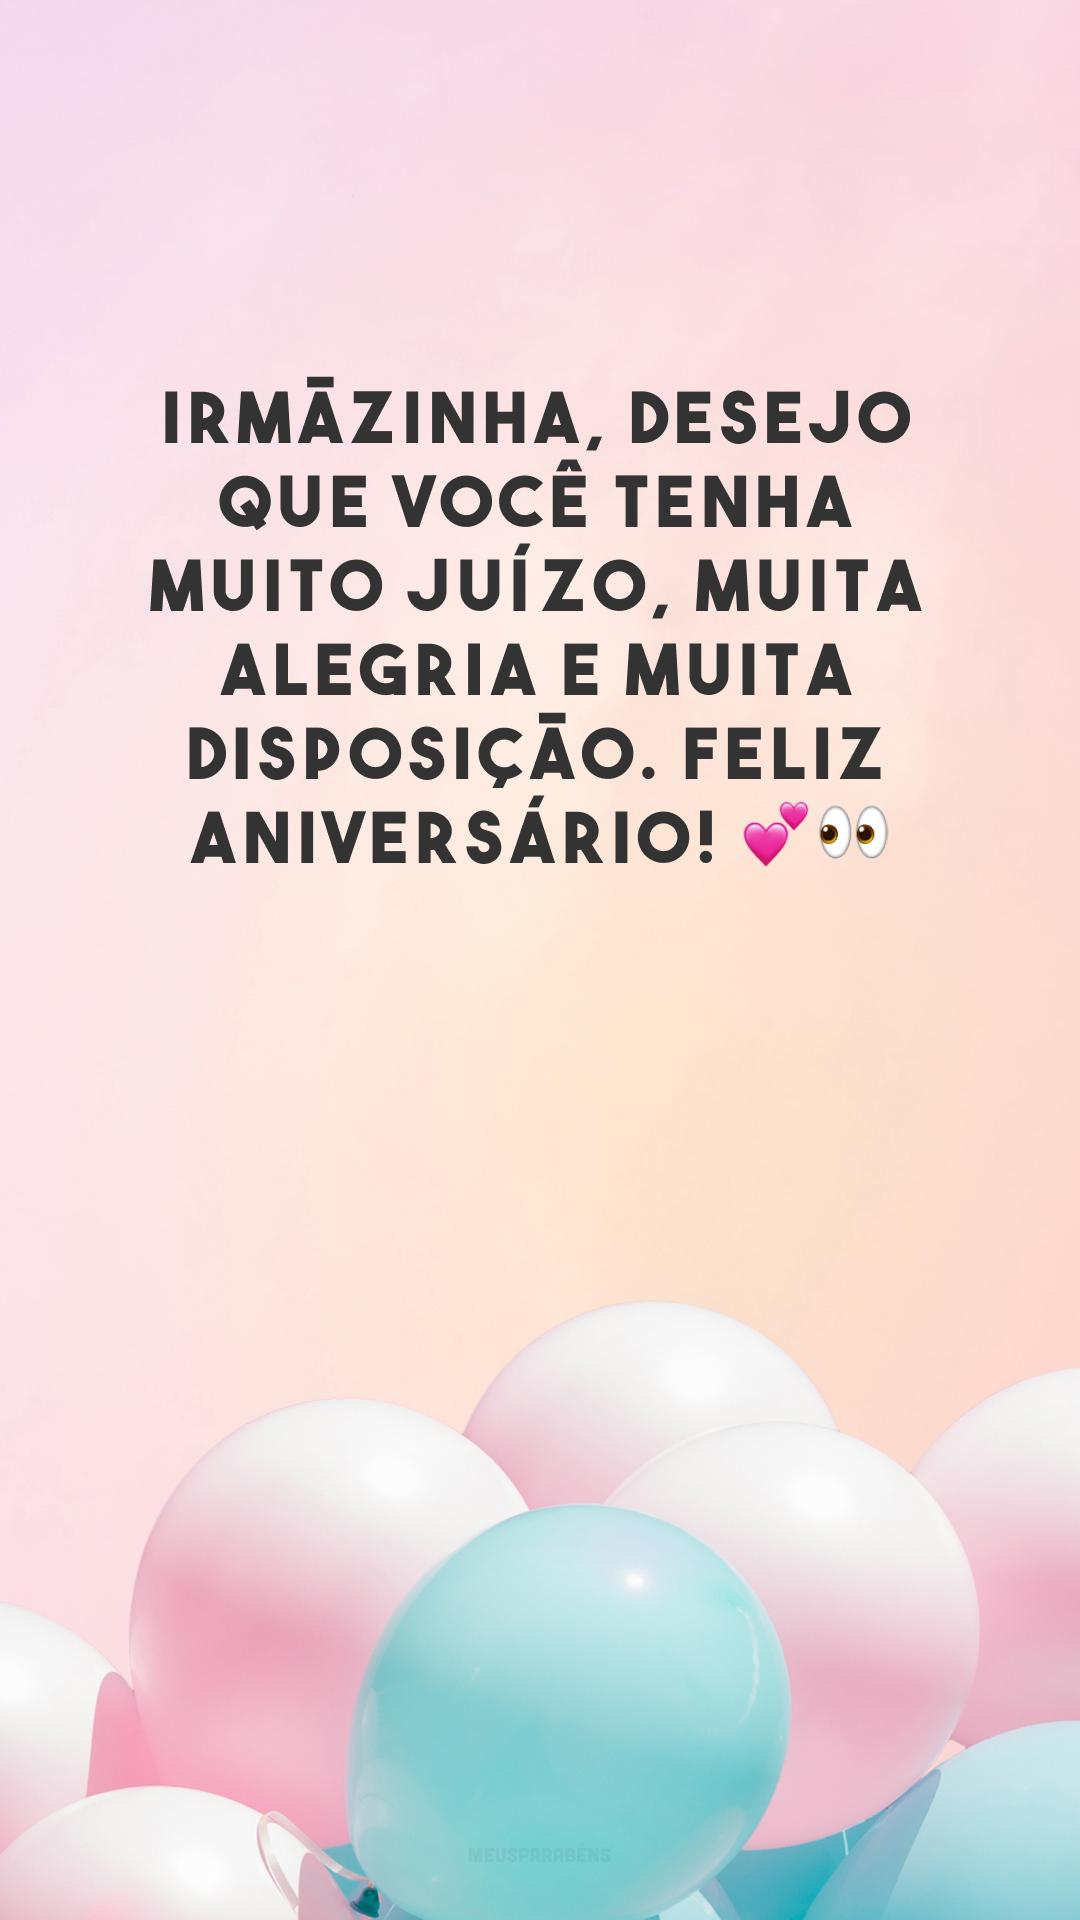 Irmãzinha, desejo que você tenha muito juízo, muita alegria e muita disposição. Feliz aniversário! 💕👀